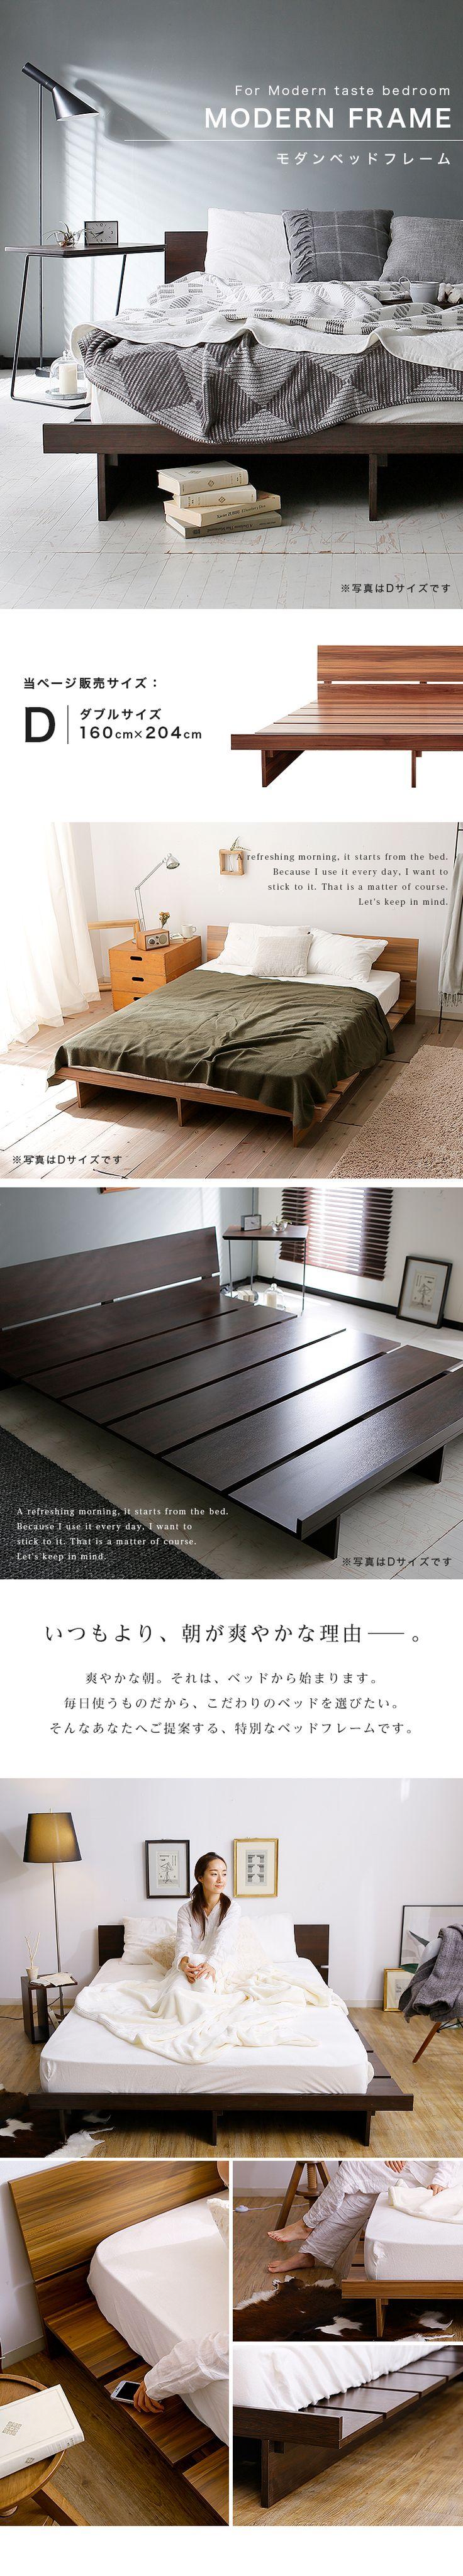 ベッド ベッドフレーム ダブル フレームのみ。ベッド ベッドフレーム ダブル クイーンマットも使用可 ロータイプ ローベッド すのこベッド すのこ マットレス対応 ダブル モダン ダブルベッド ベット ベットフレーム フレーム おしゃれ